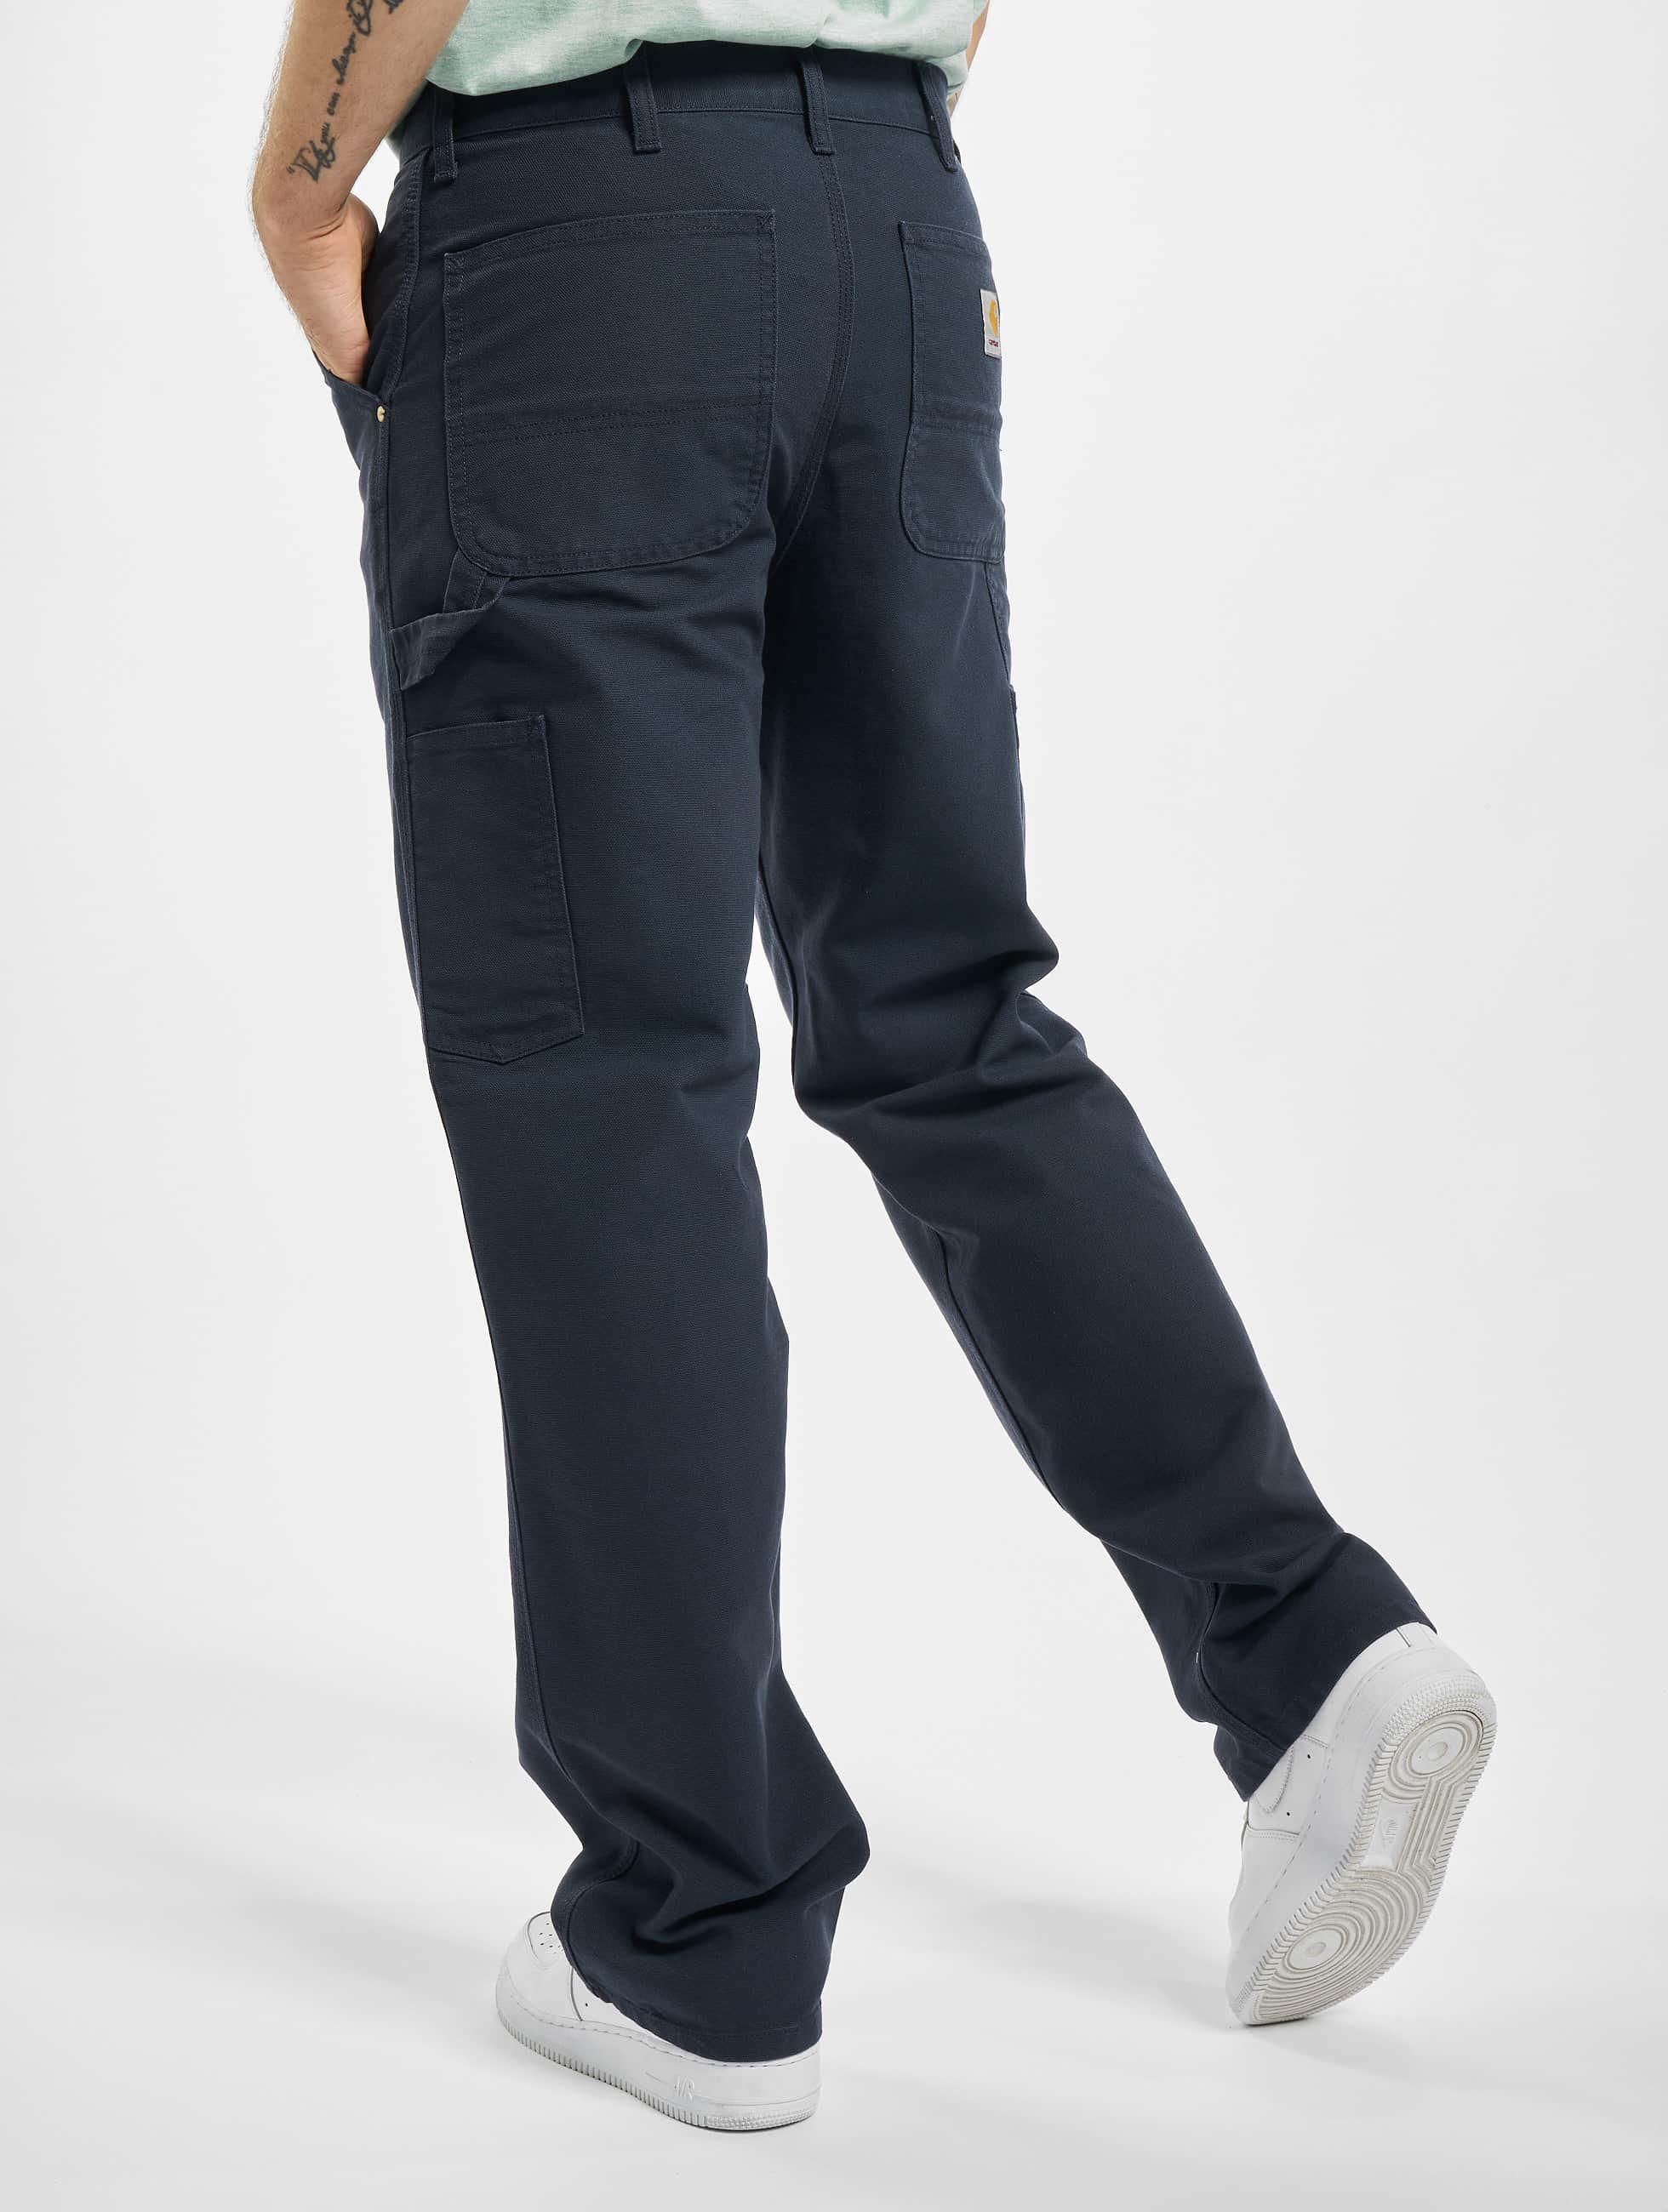 Carhartt WIP Chino Turner Single Knee blue